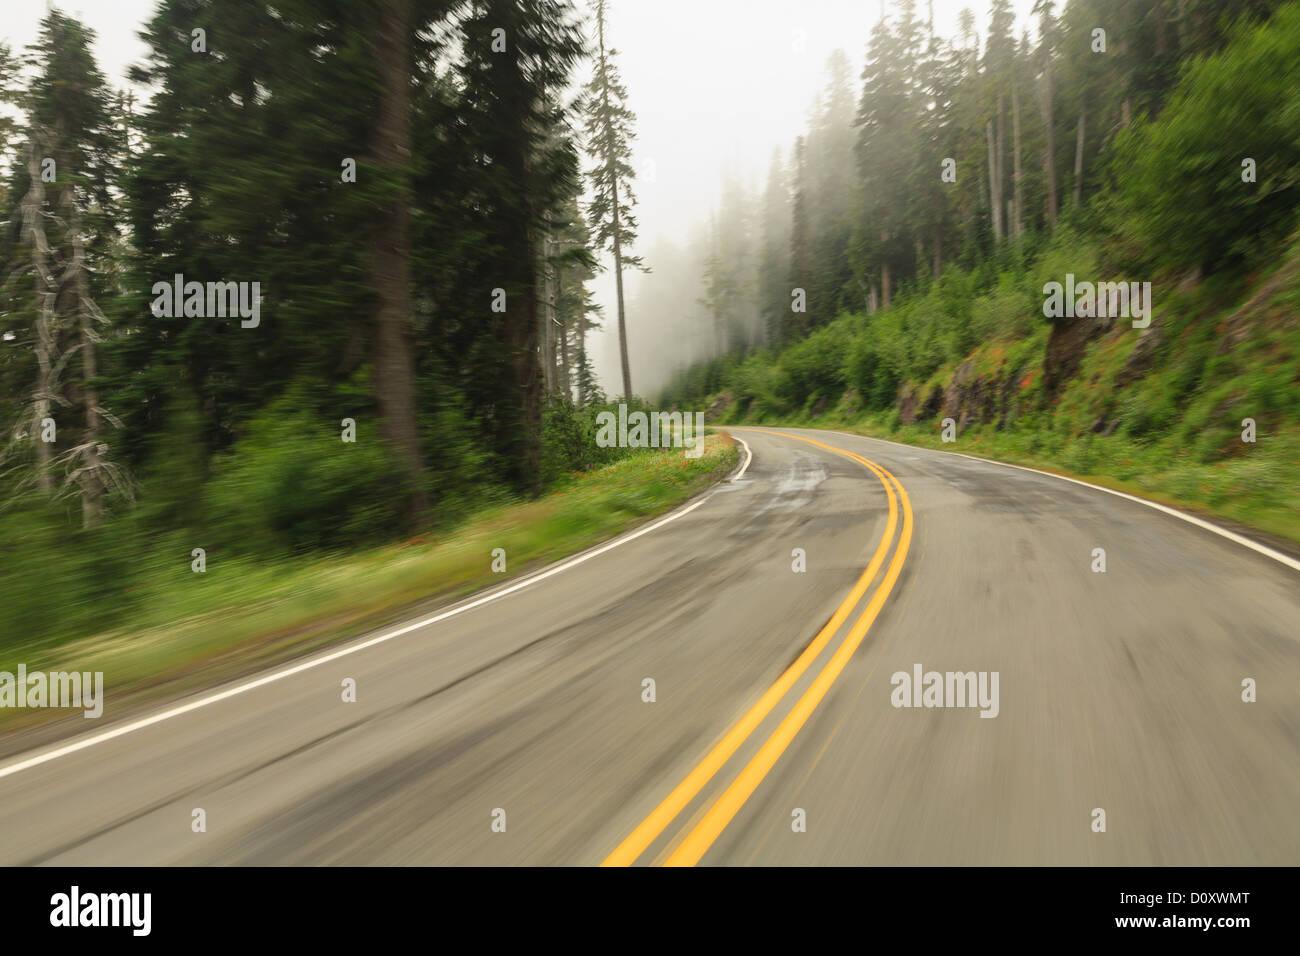 Road to Paradise (Washington State Route 706), Mount Rainier National Park, Washington, USA Photo Stock